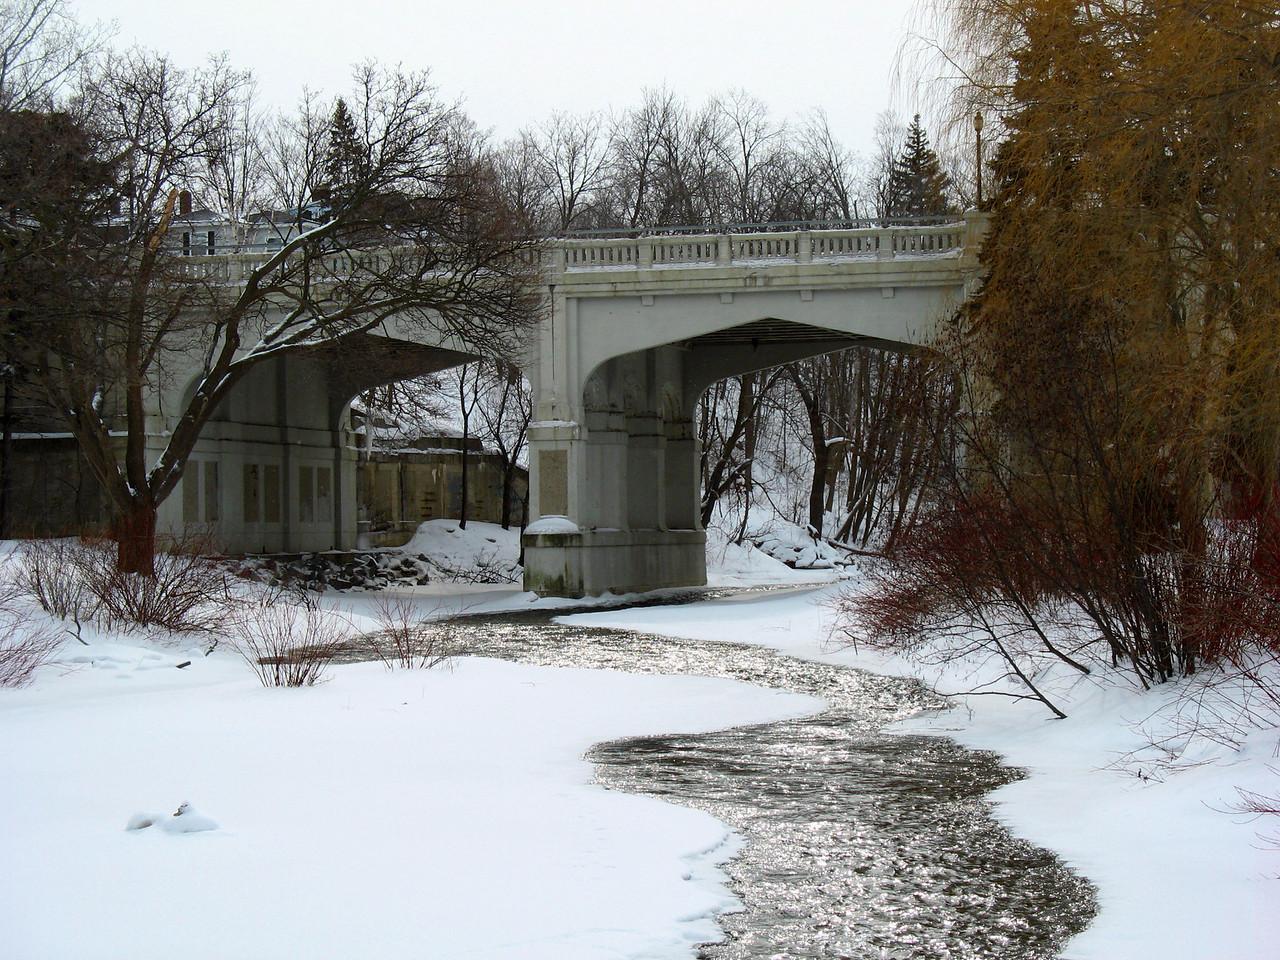 West Mitchell Street Bridge (ca.1930)